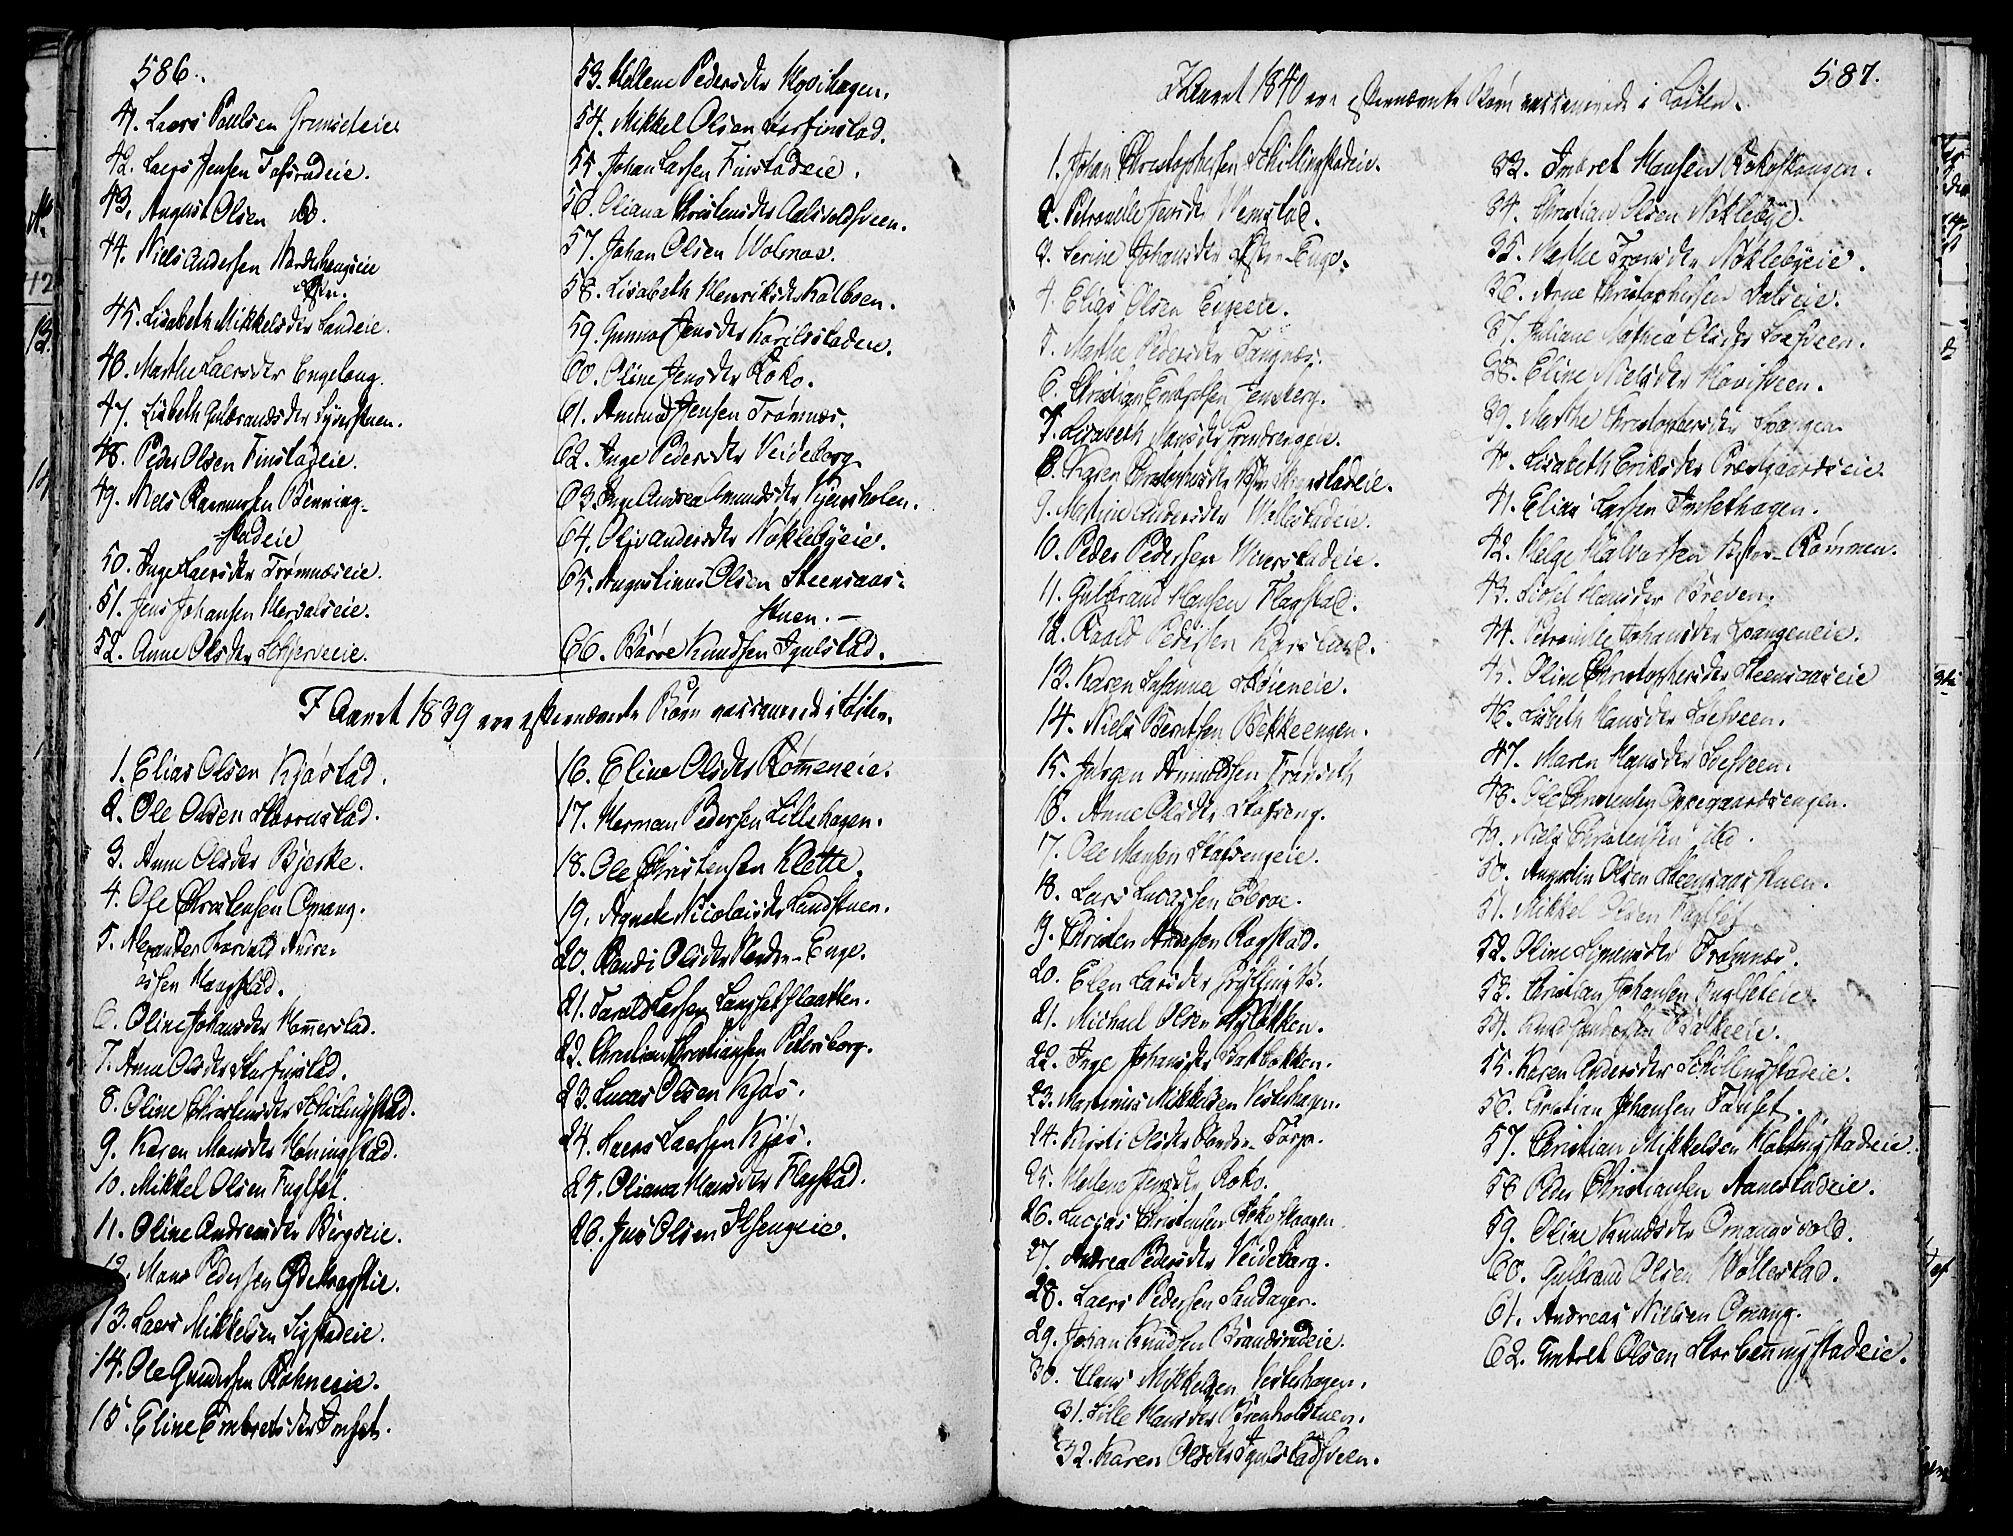 SAH, Løten prestekontor, K/Ka/L0006: Parish register (official) no. 6, 1832-1849, p. 586-587